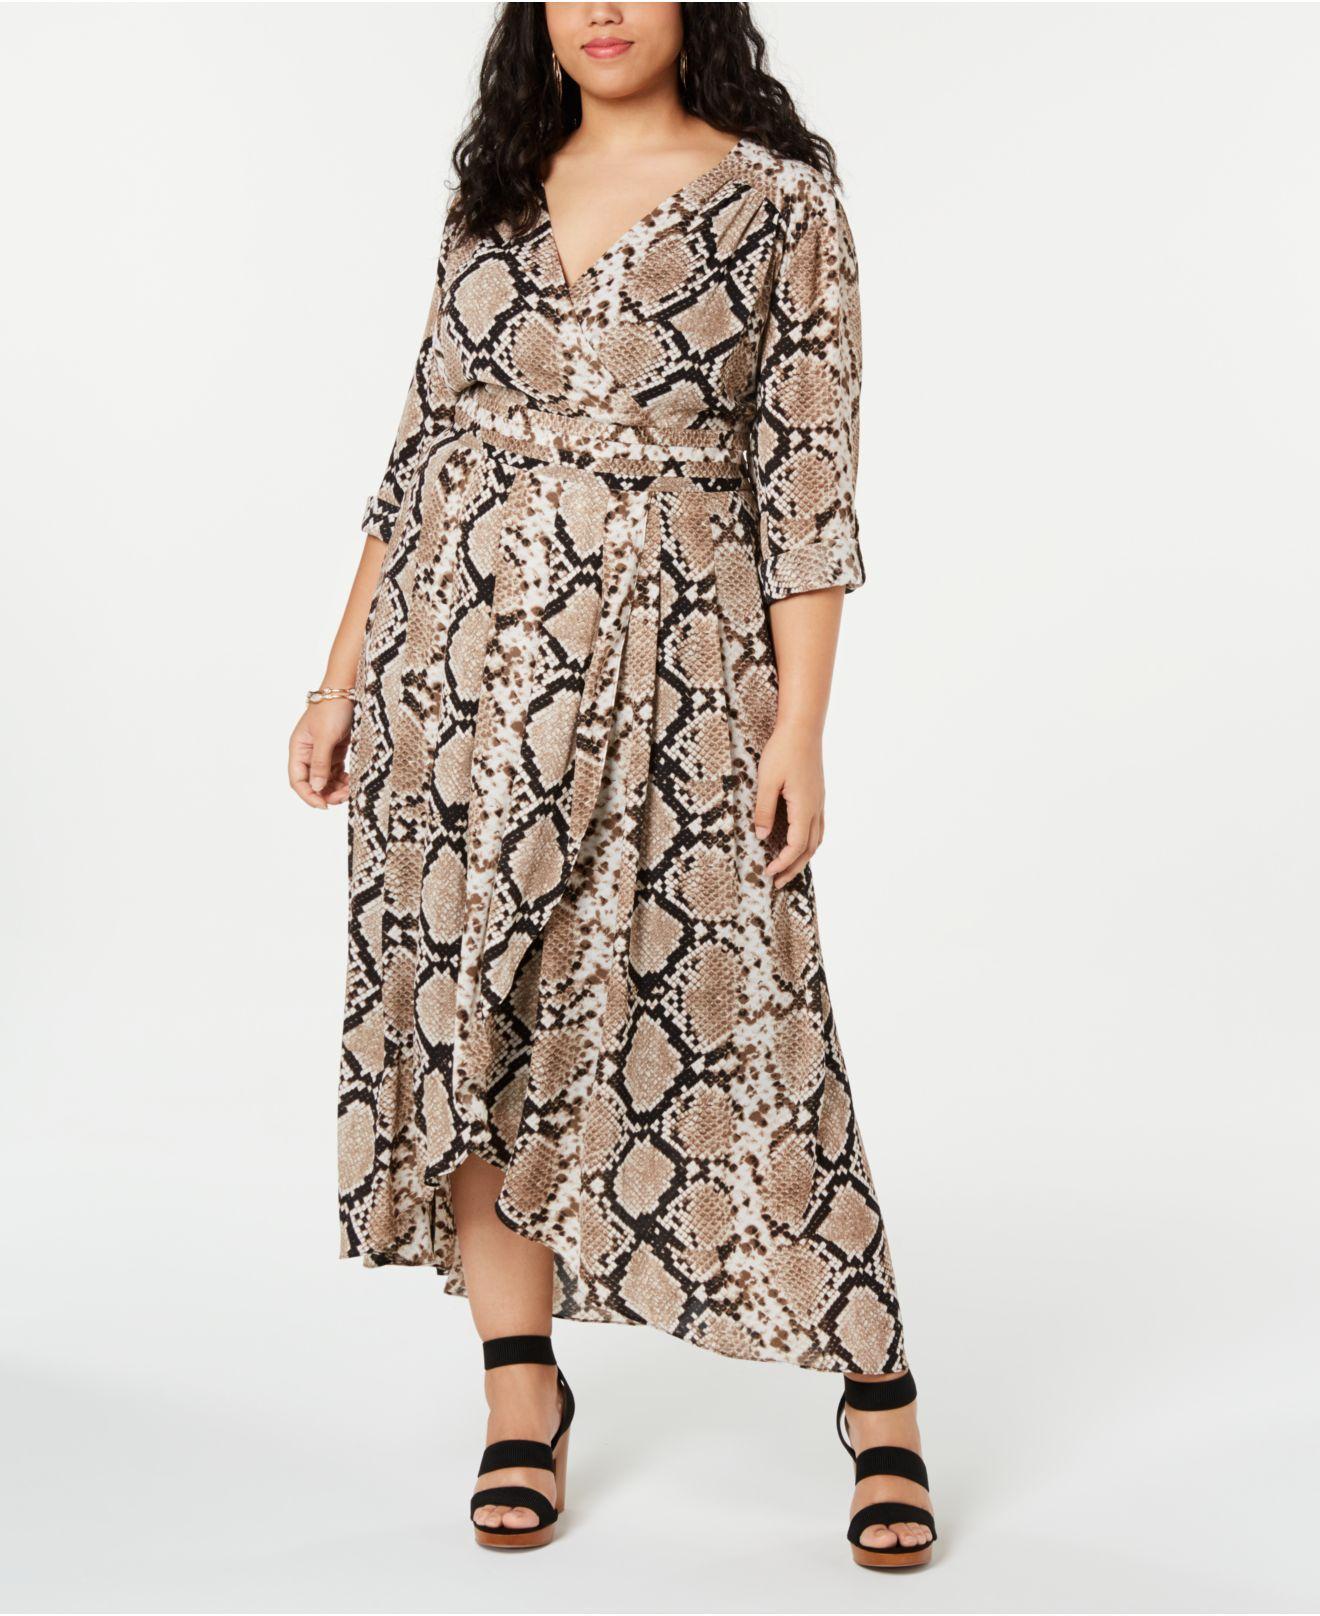 56920e603dfe2 Women s I.n.c. Plus Size Snake Printed Faux-wrap Midi Dress